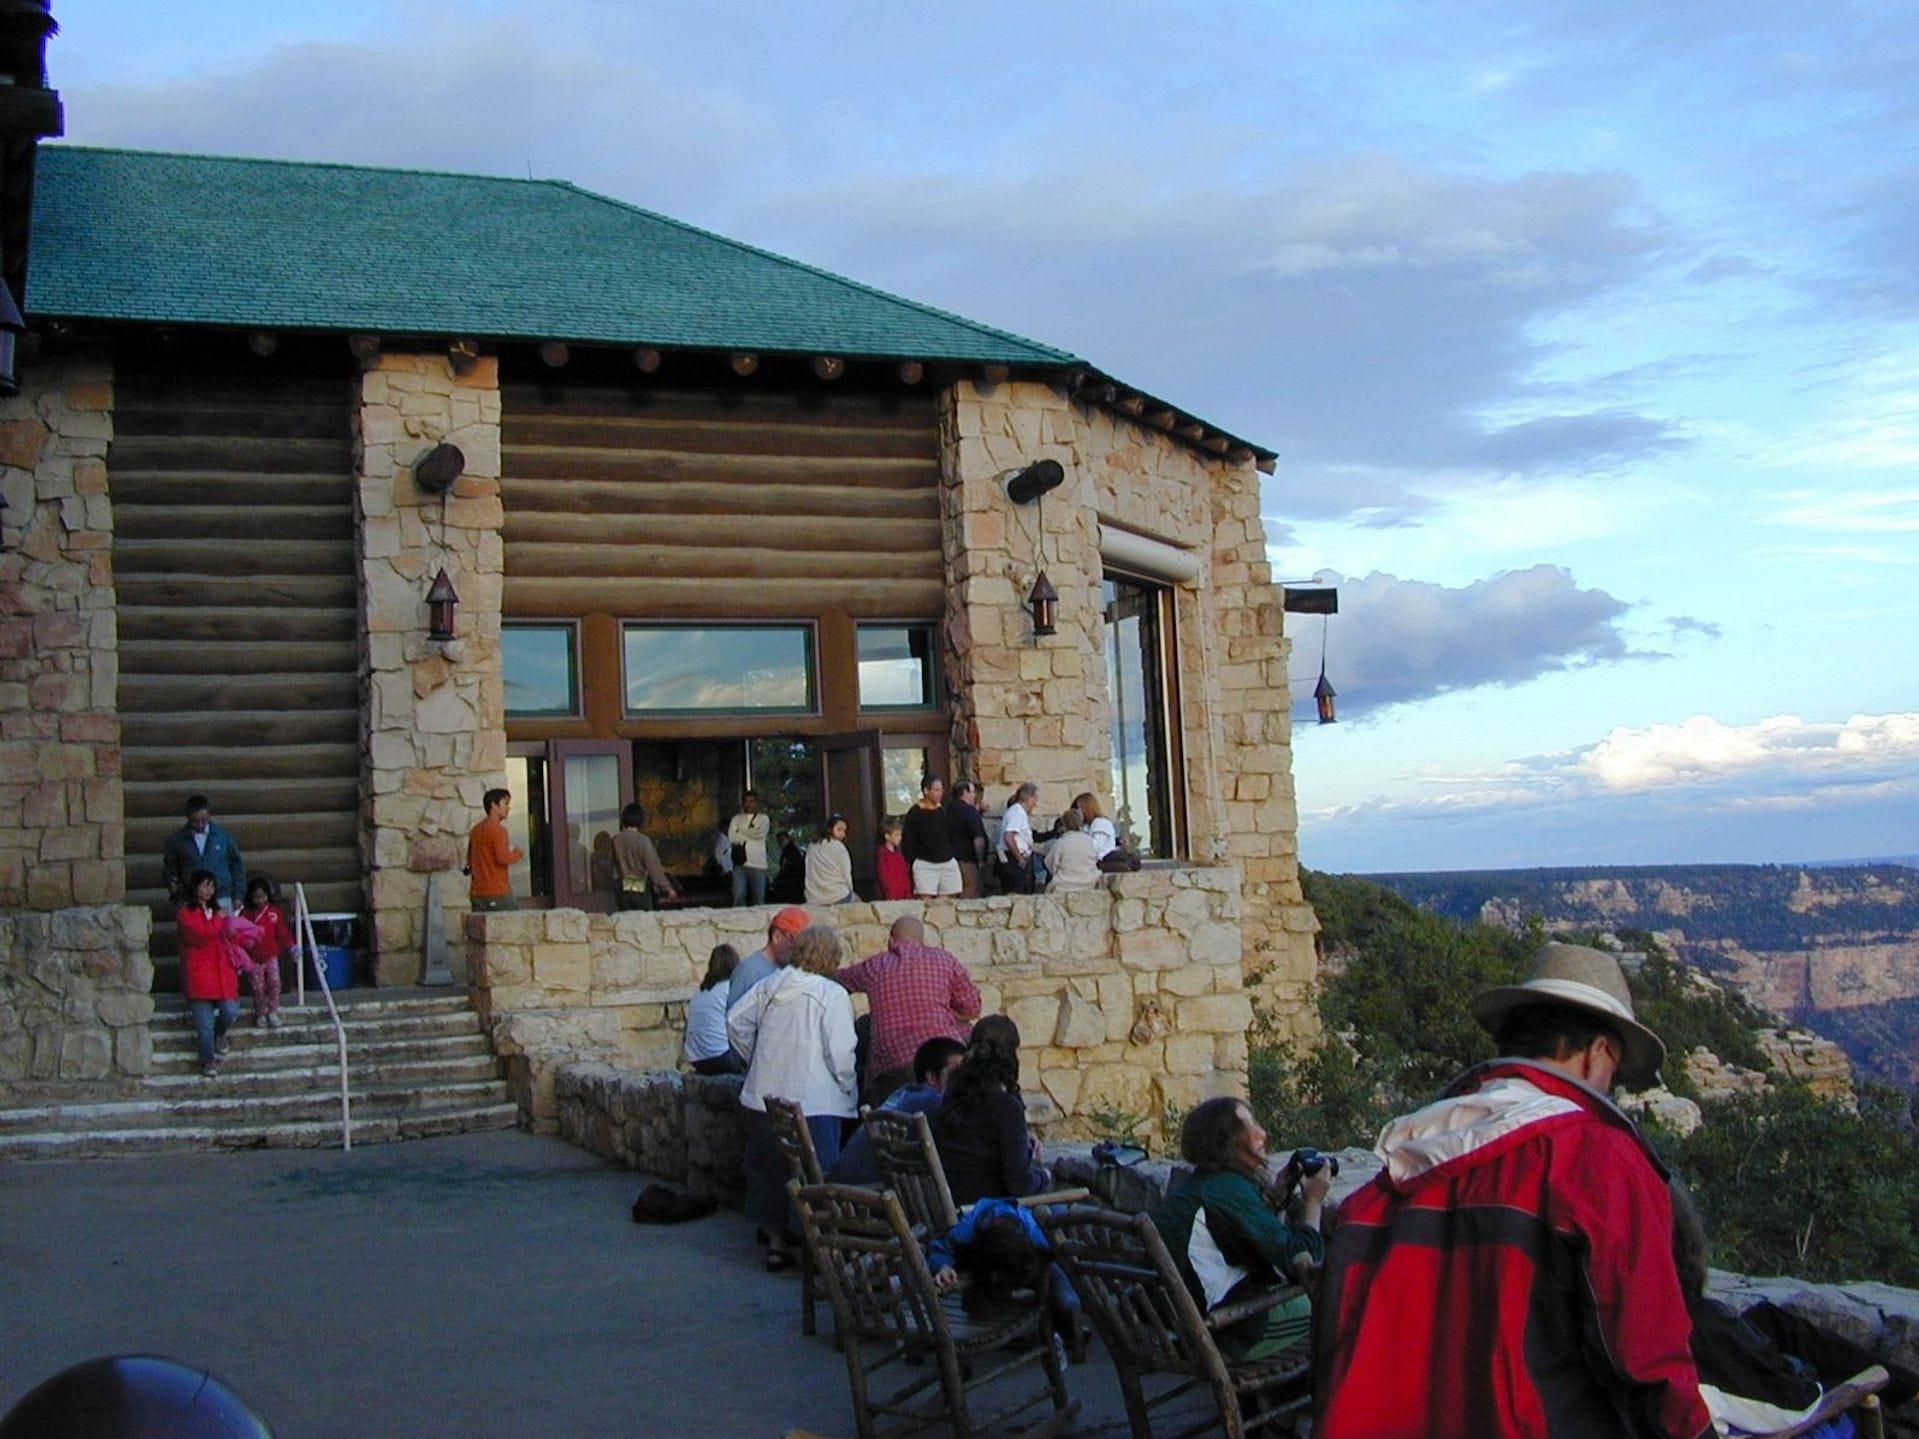 Los visitantes en el North Rim Lodge en el Gran Cañón disfrutan de las espléndidas vistas desde el patio. La cabaña cierra el 15 de octubre durante el invierno, reabriendo el 15 de mayo.